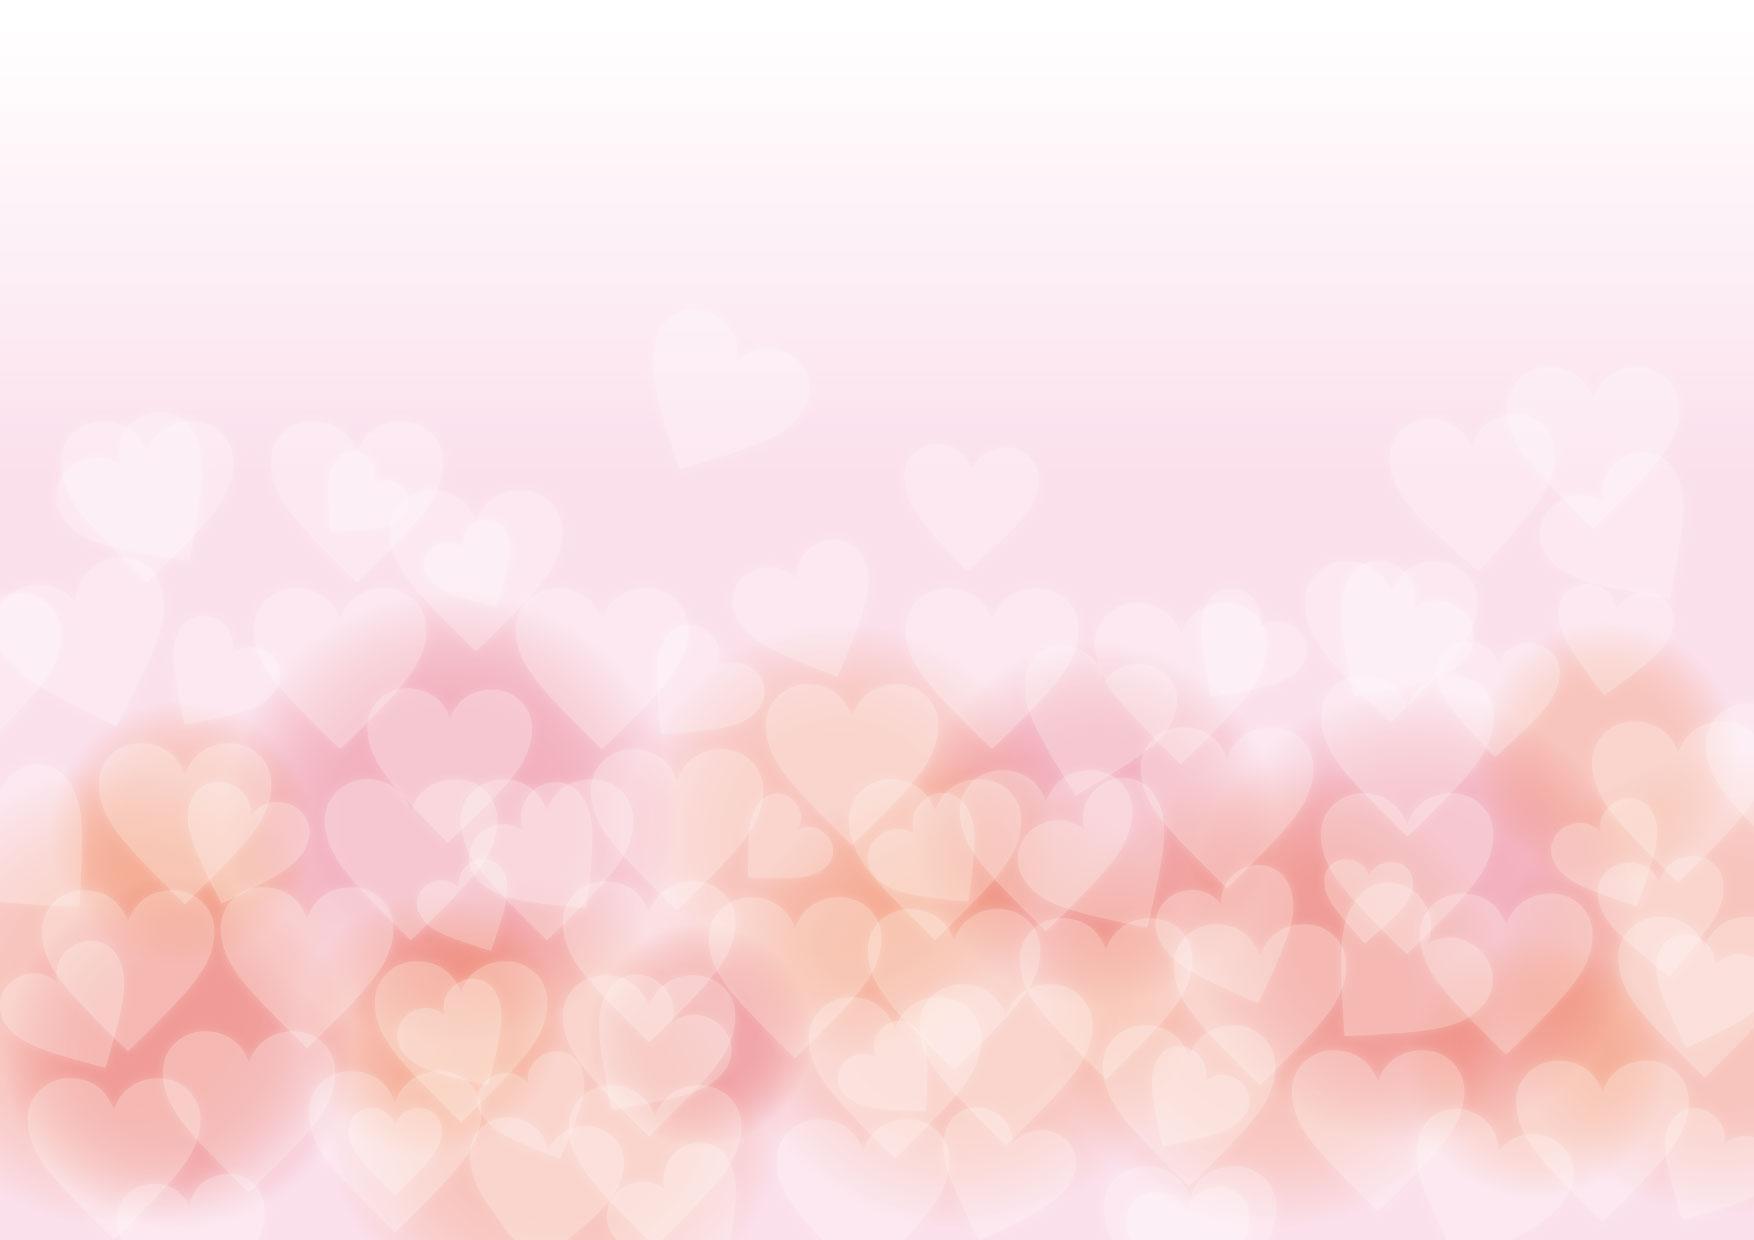 可愛いイラスト無料 バレンタイン 背景 やわらか ピンク ハート